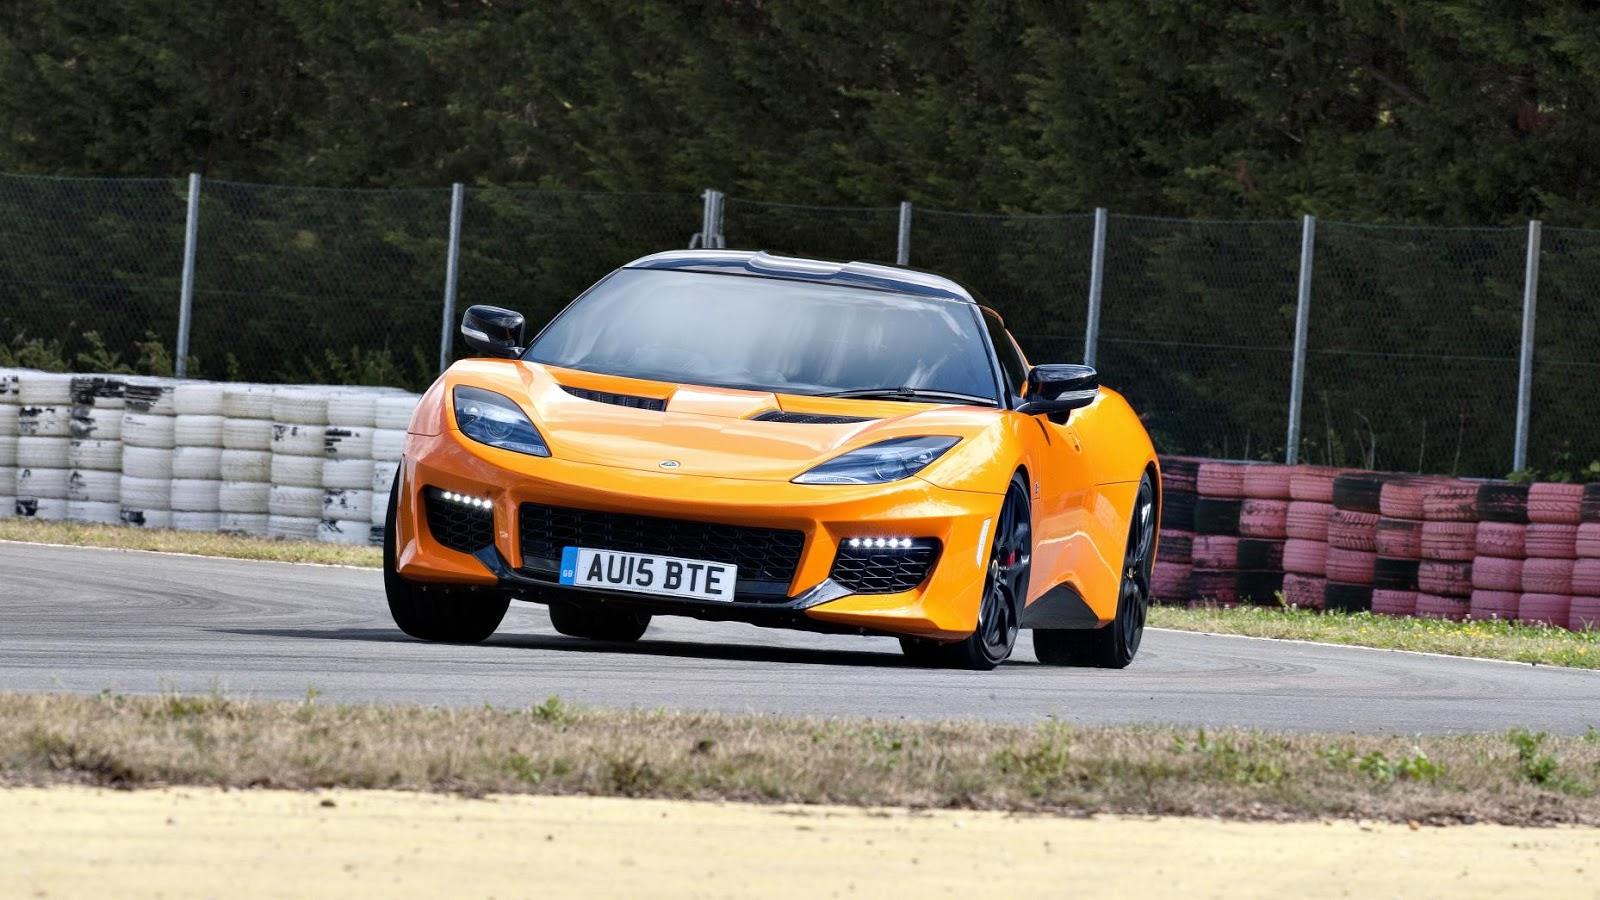 Lotus Evora 400 - tăng tốc từ 0 - 100 km/h trong 4.2secs